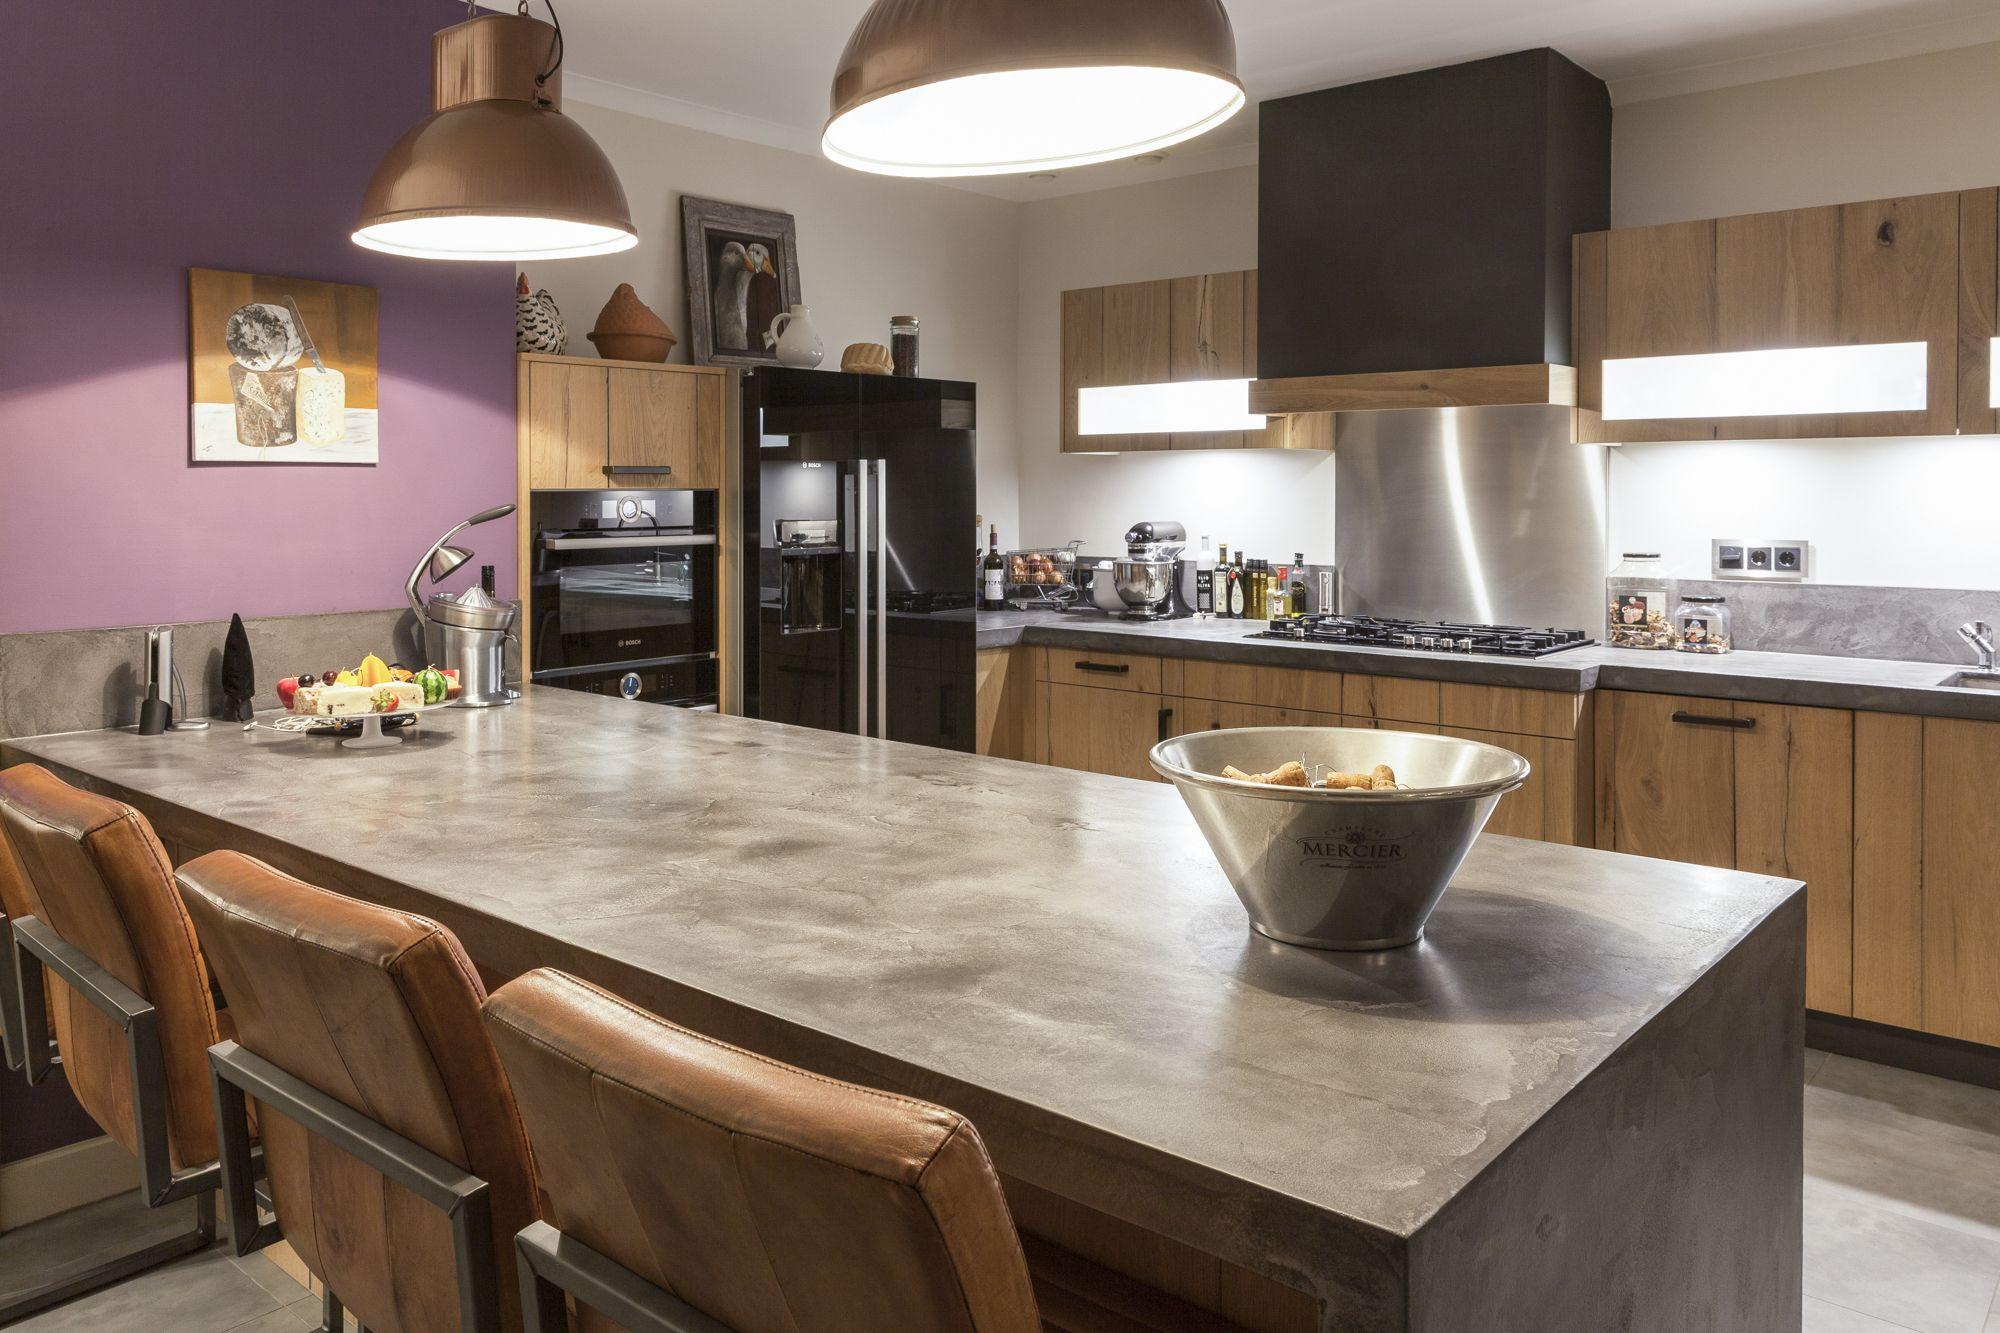 De Eikenhouten Keuken : Eikenhouten keuken met een grezzo classic concrete keukenblad de